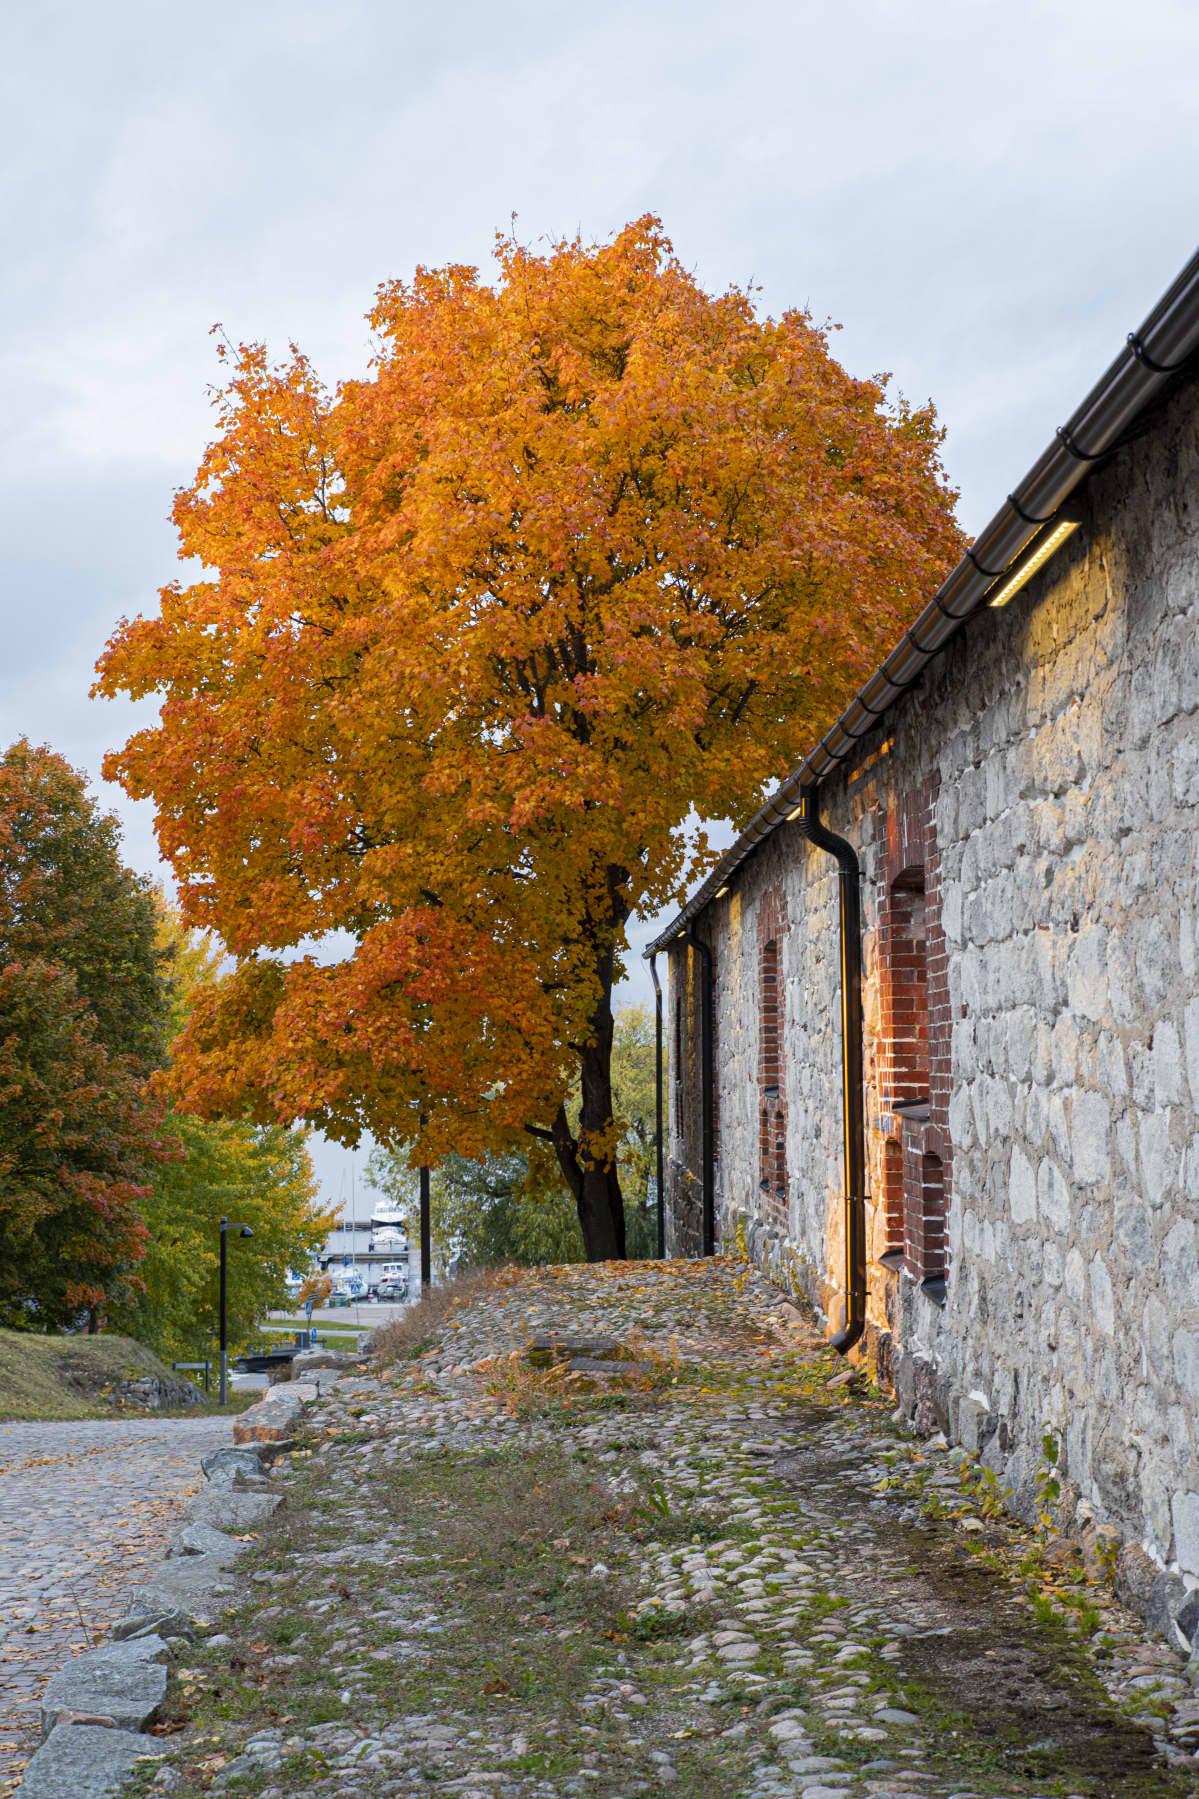 Vaahtera ruskan eri väreissä Lappeenrannan Linnoituksessa.